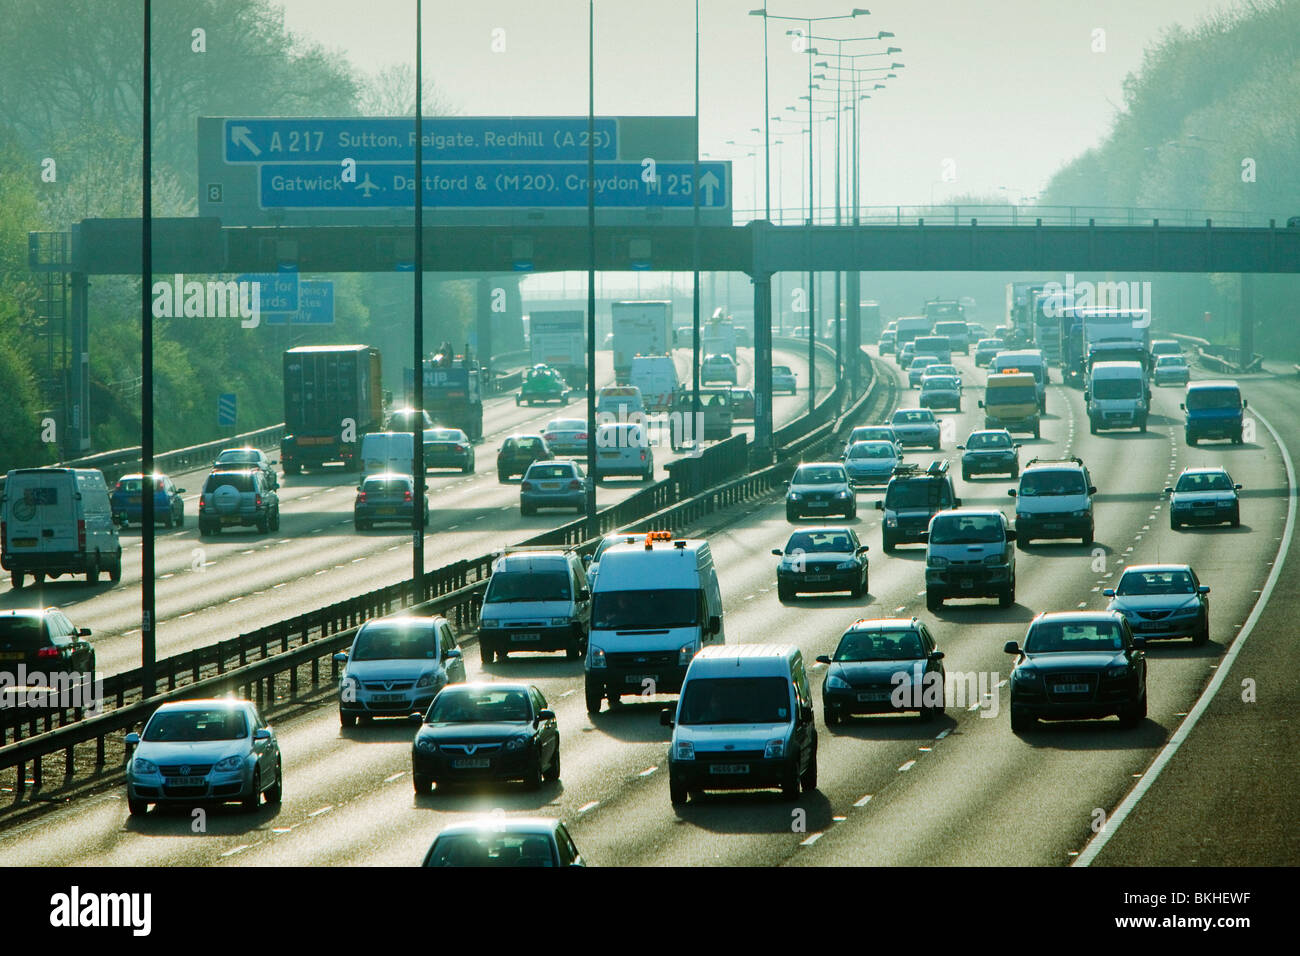 Rush hour traffic on the M25 motorway - Stock Image